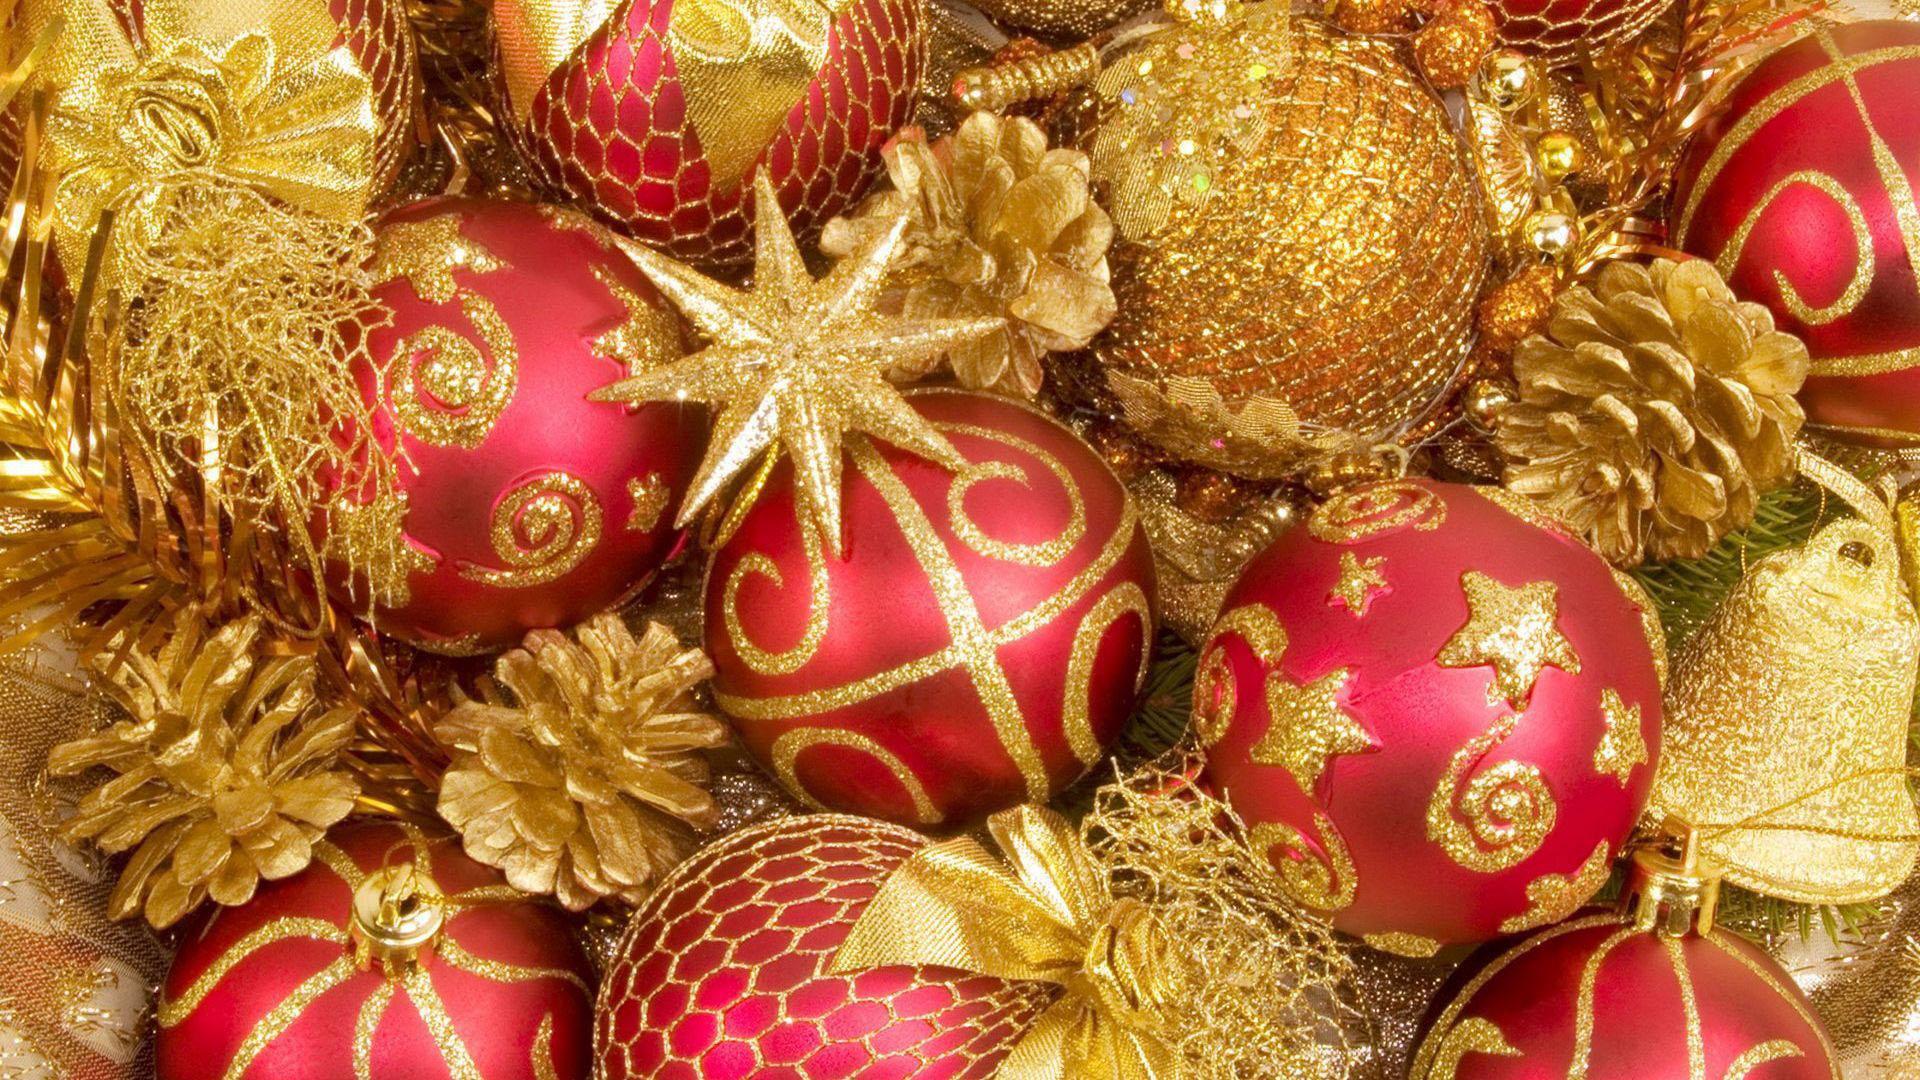 одно удачное золотистые новогодние игрушки картинки андерграундные